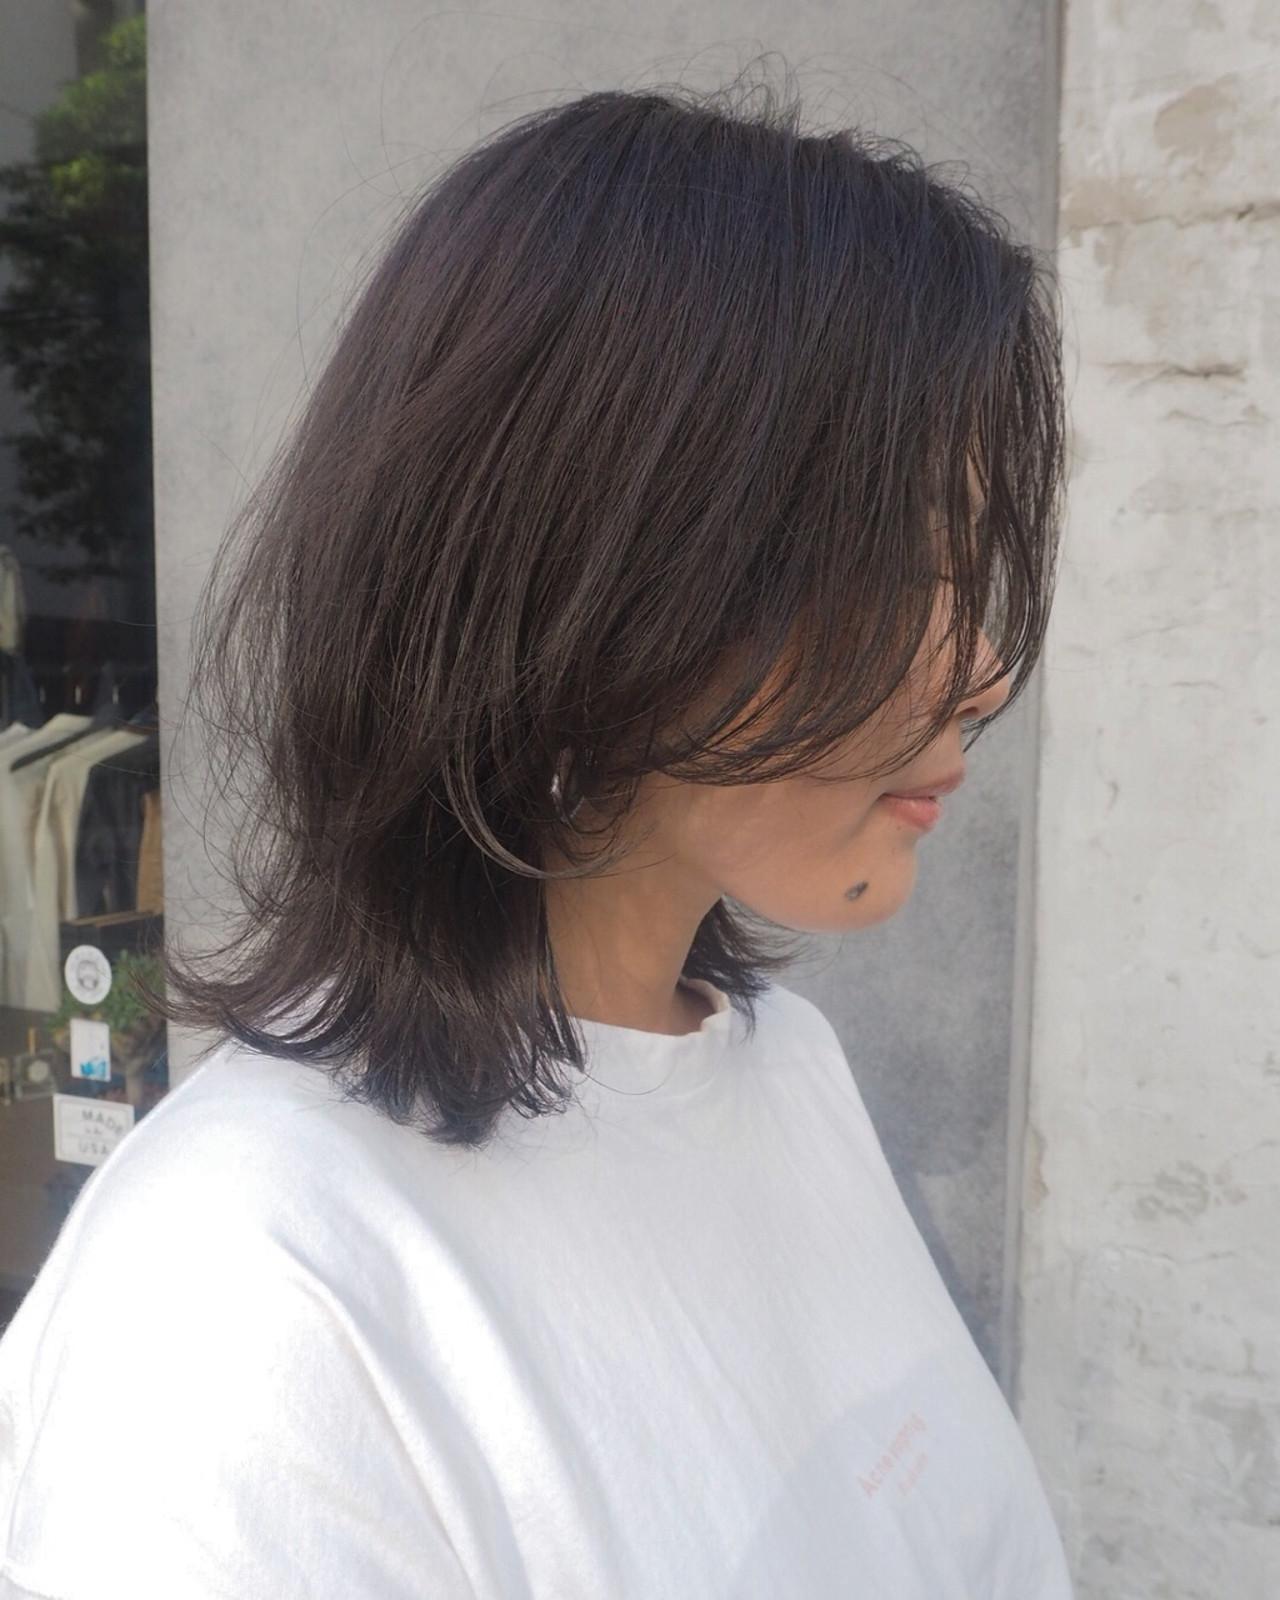 ナチュラル マッシュ レイヤーカット ボブ ヘアスタイルや髪型の写真・画像